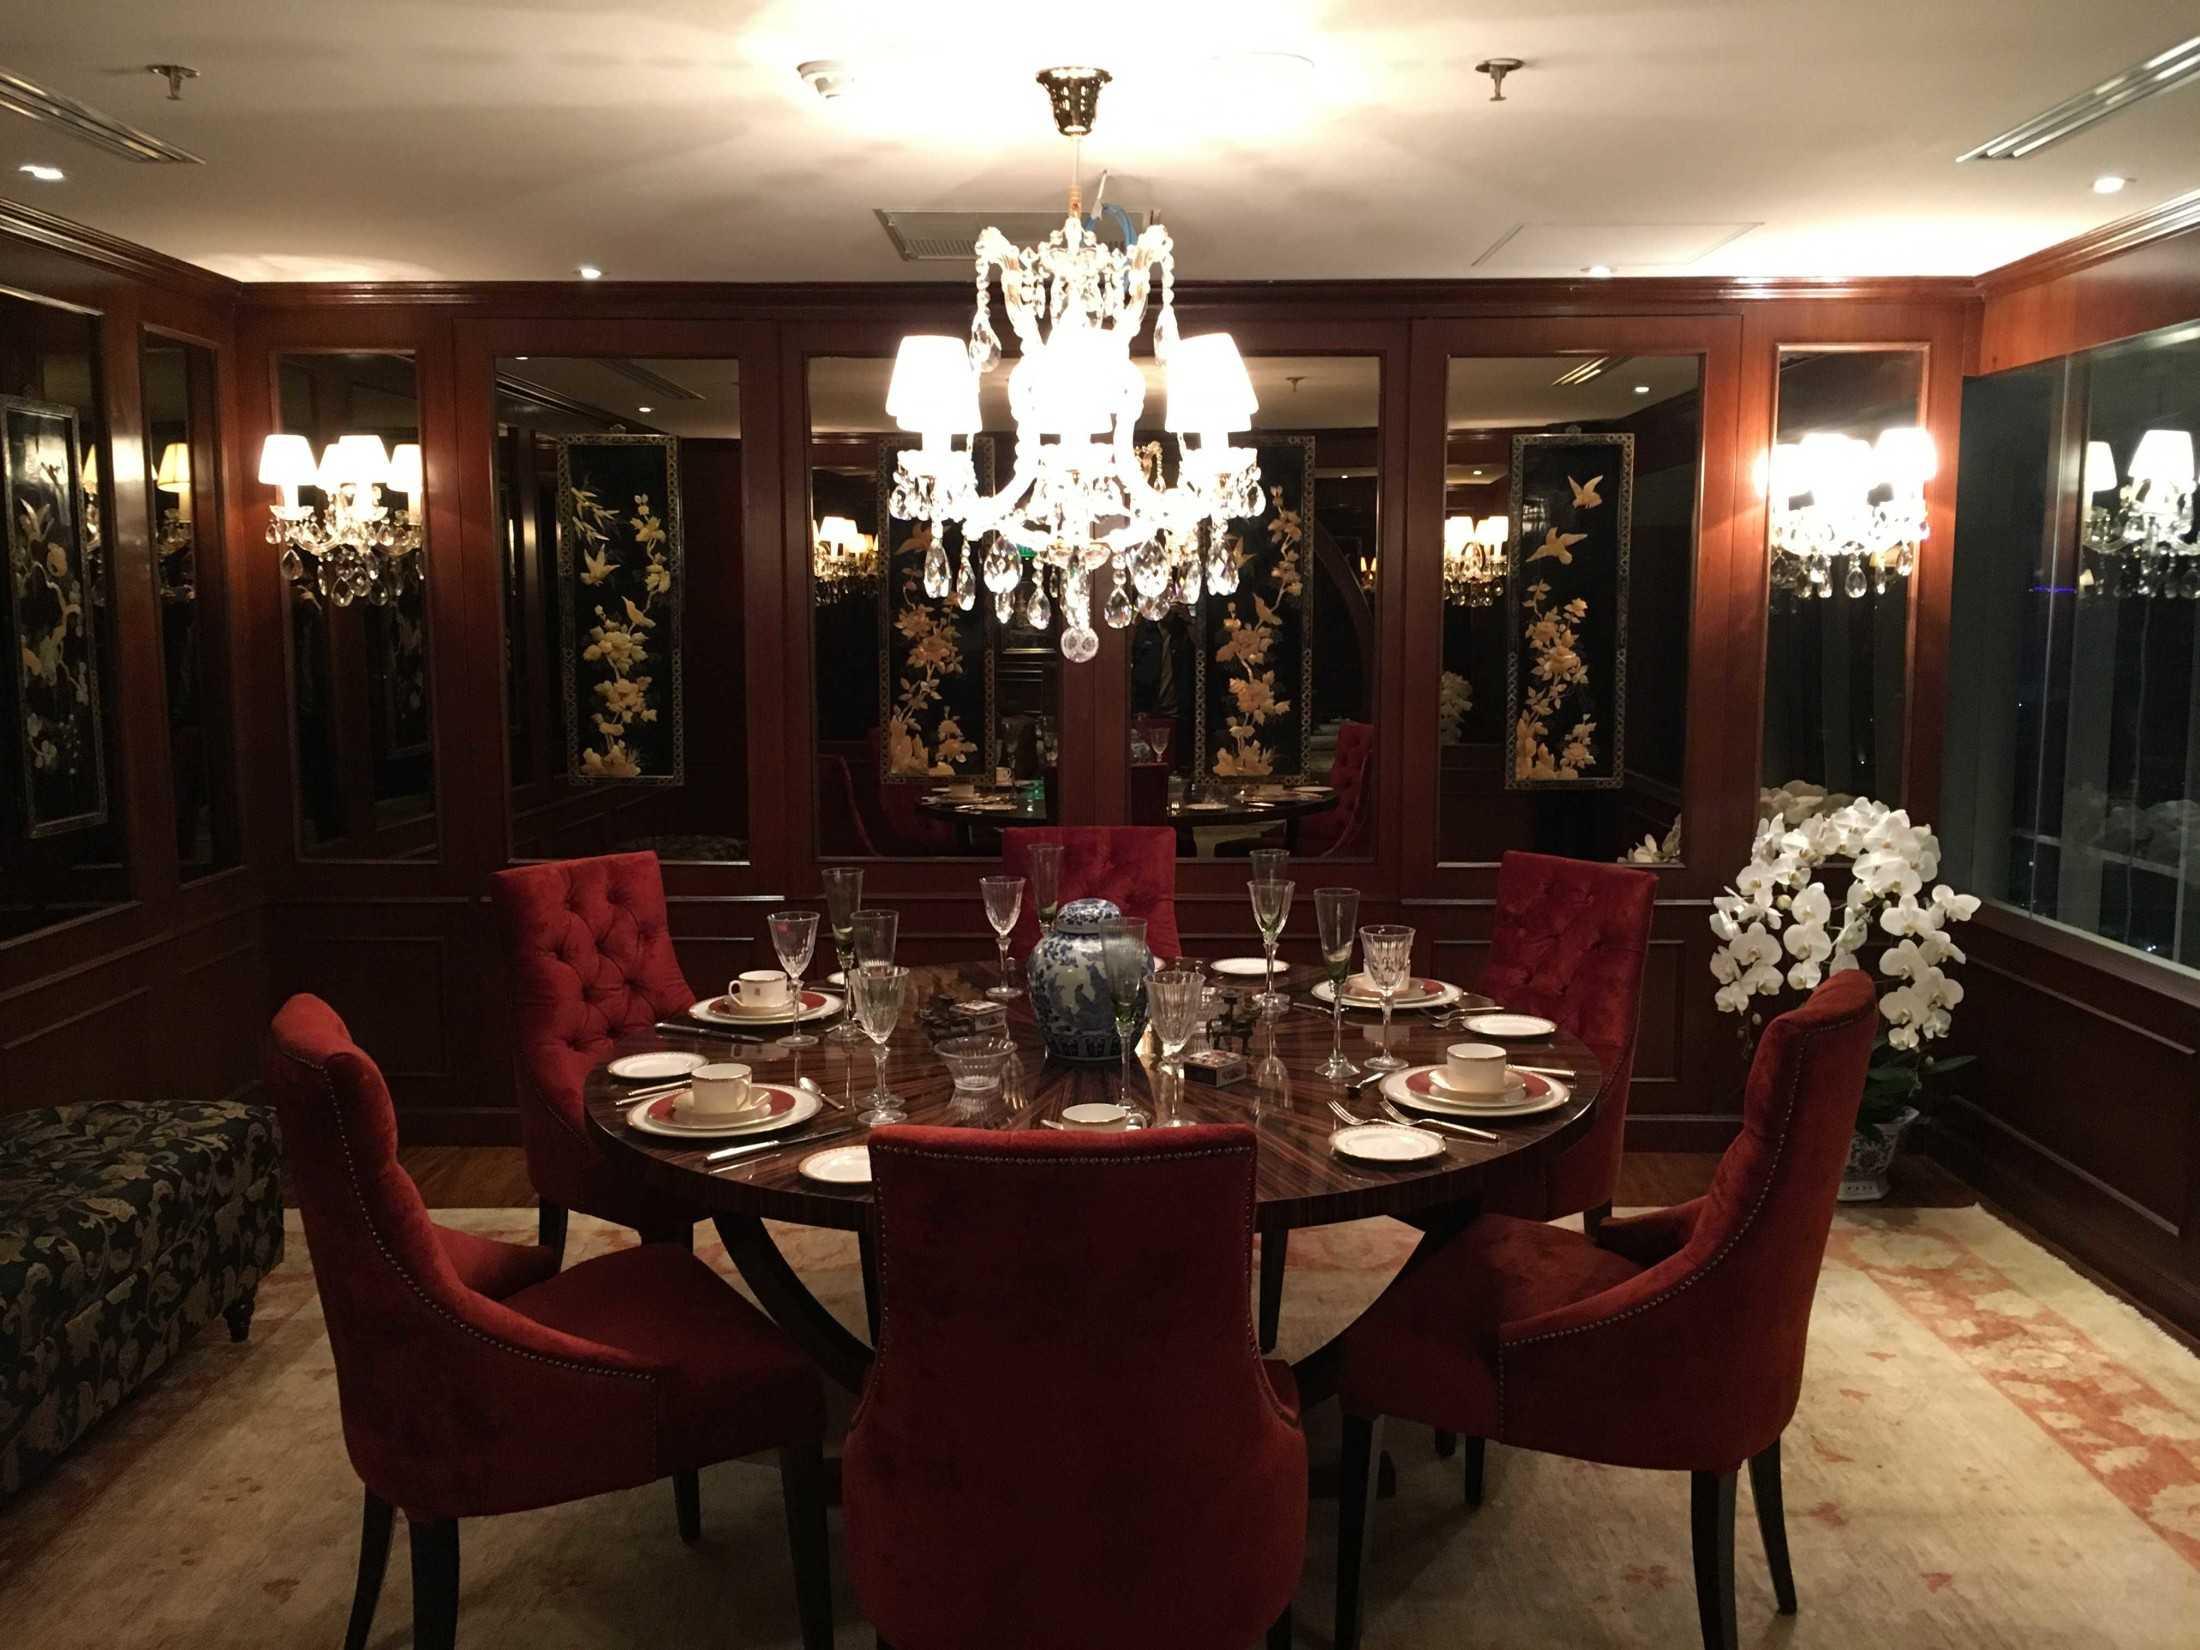 Foto inspirasi ide desain ruang makan asian Mina-al-salaam-lounge oleh Fendy Purnomo di Arsitag